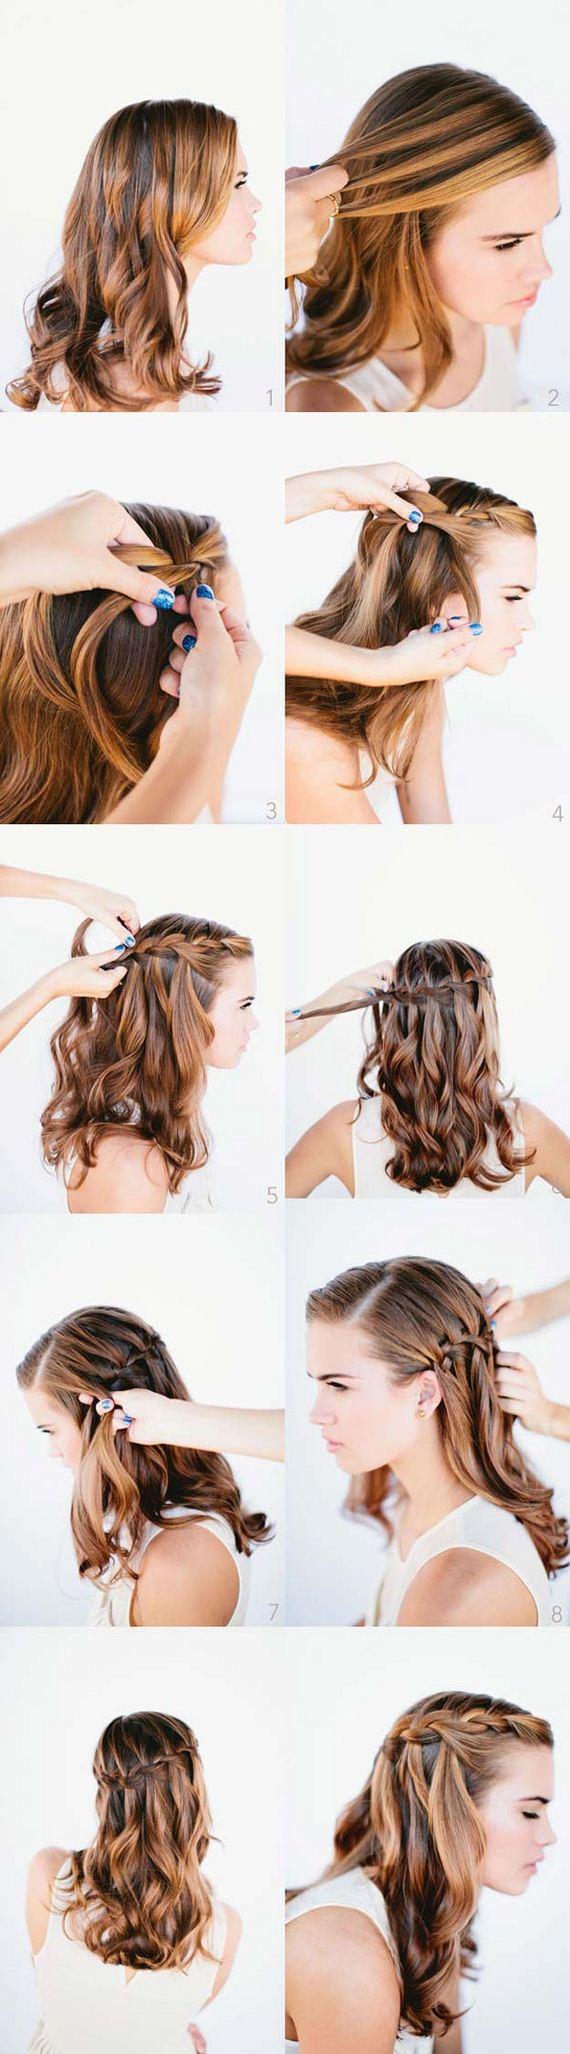 The Best Cute Hair Braiding Tutorials